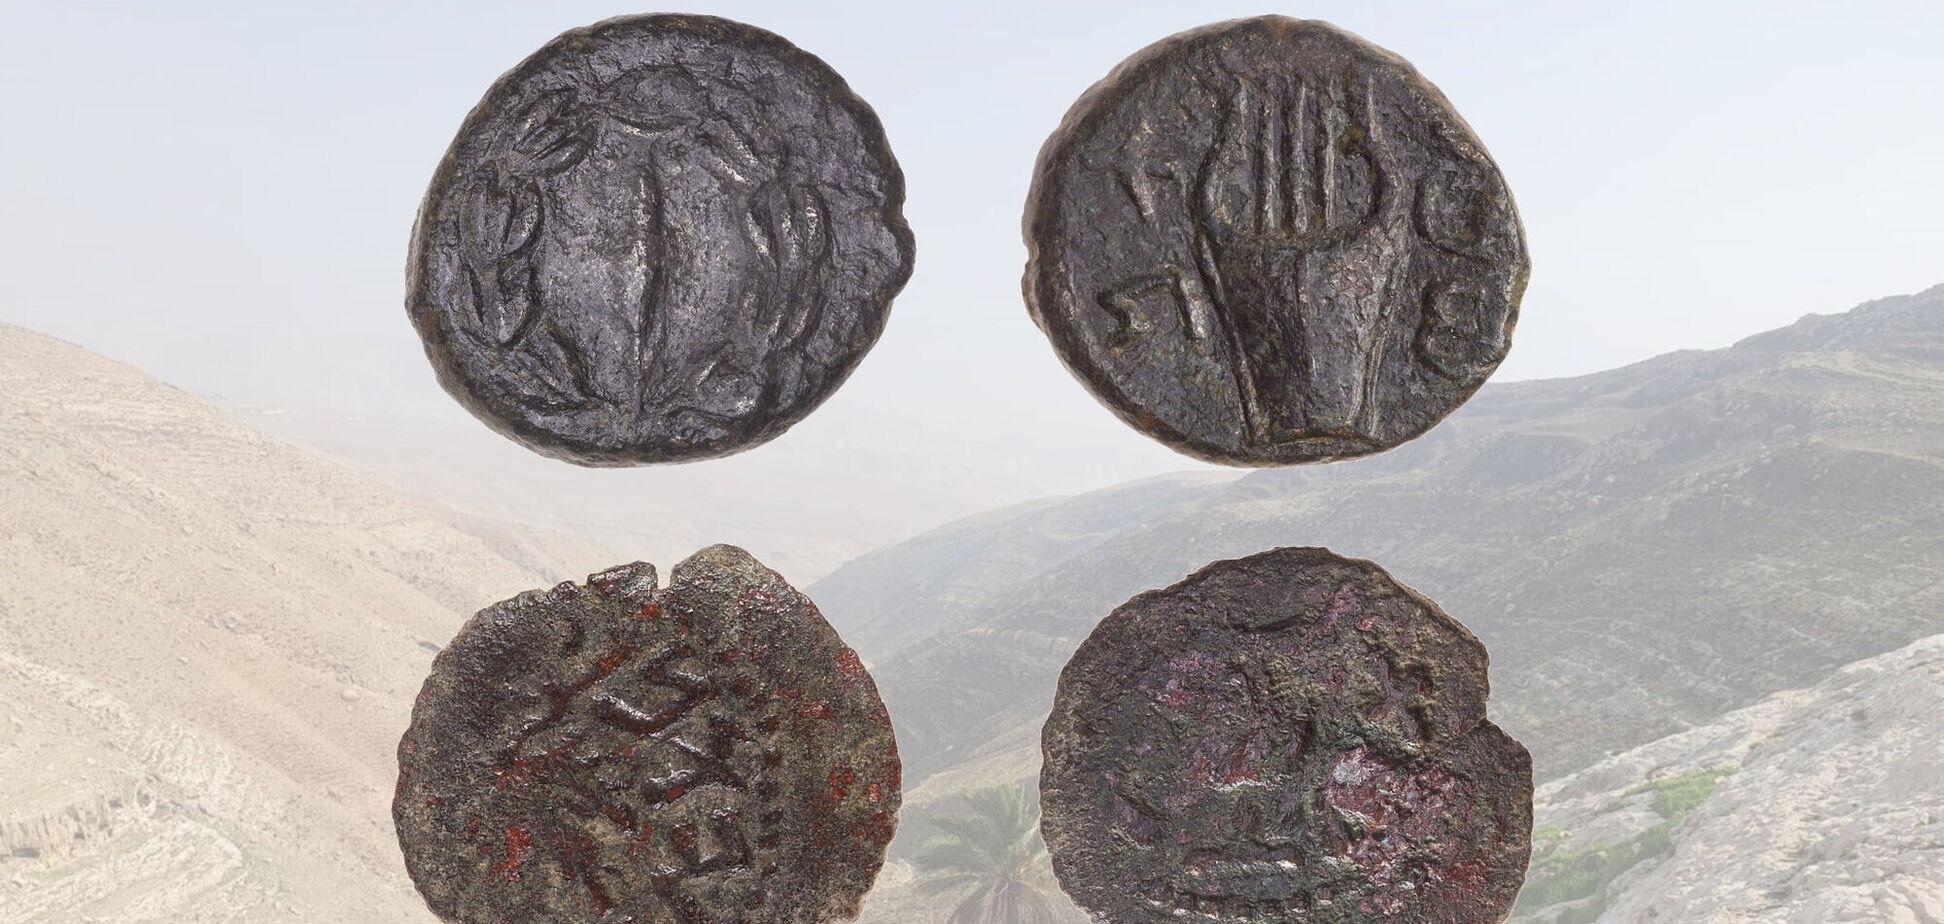 В Израиле археологи нашли редкие монеты времен восстания иудеев, которым 2 тыс. лет. Фото